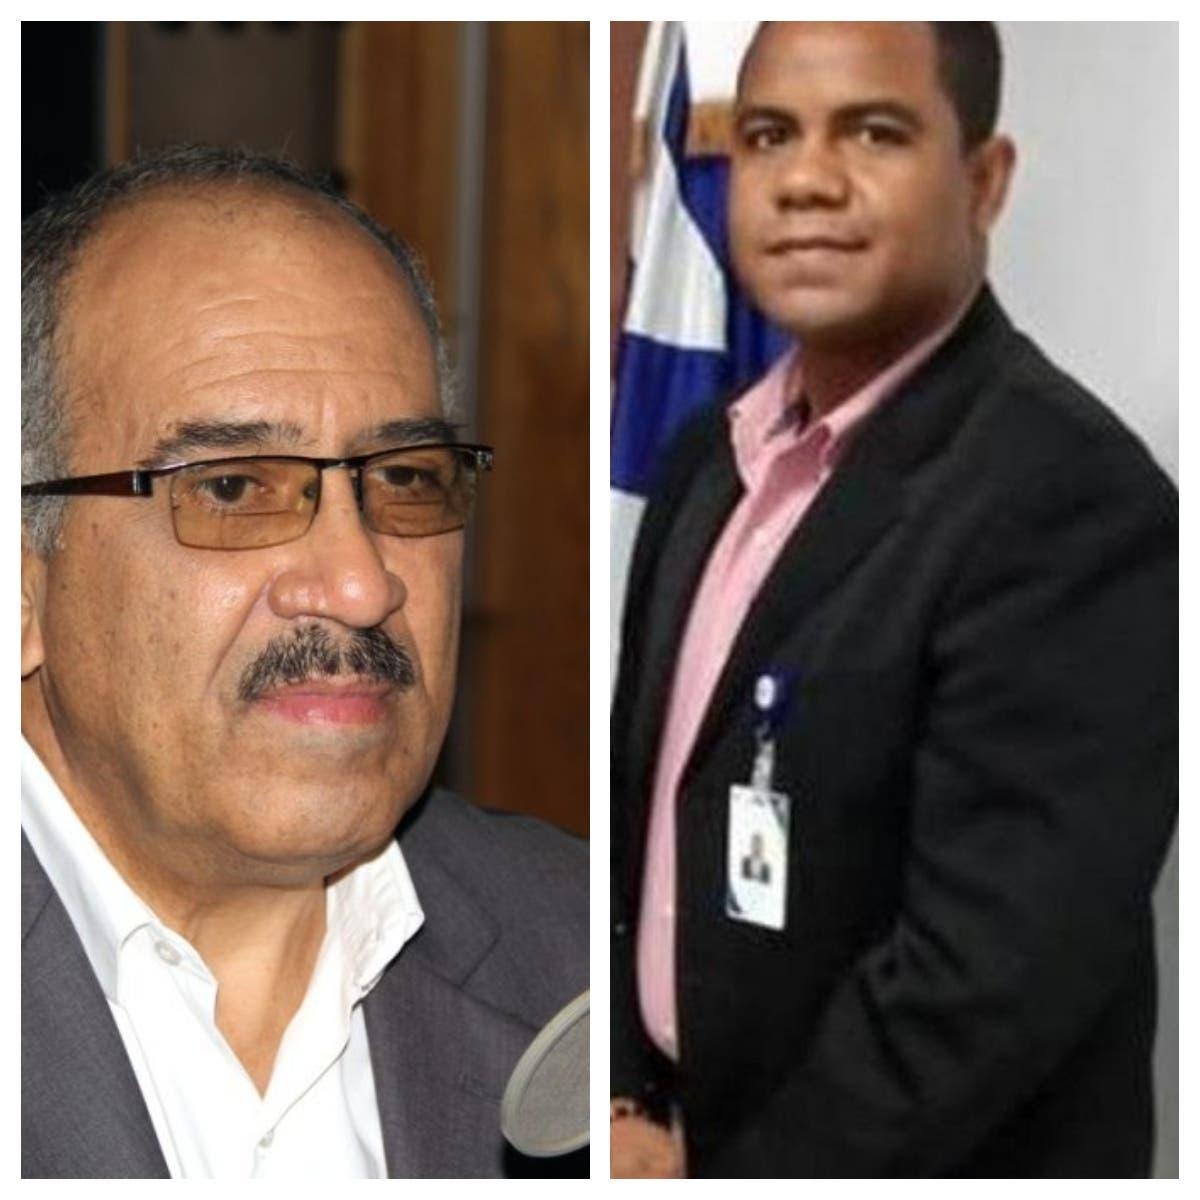 Acusaciones de presunto abuso sexual pesan contra dos funcionarios del Gobierno